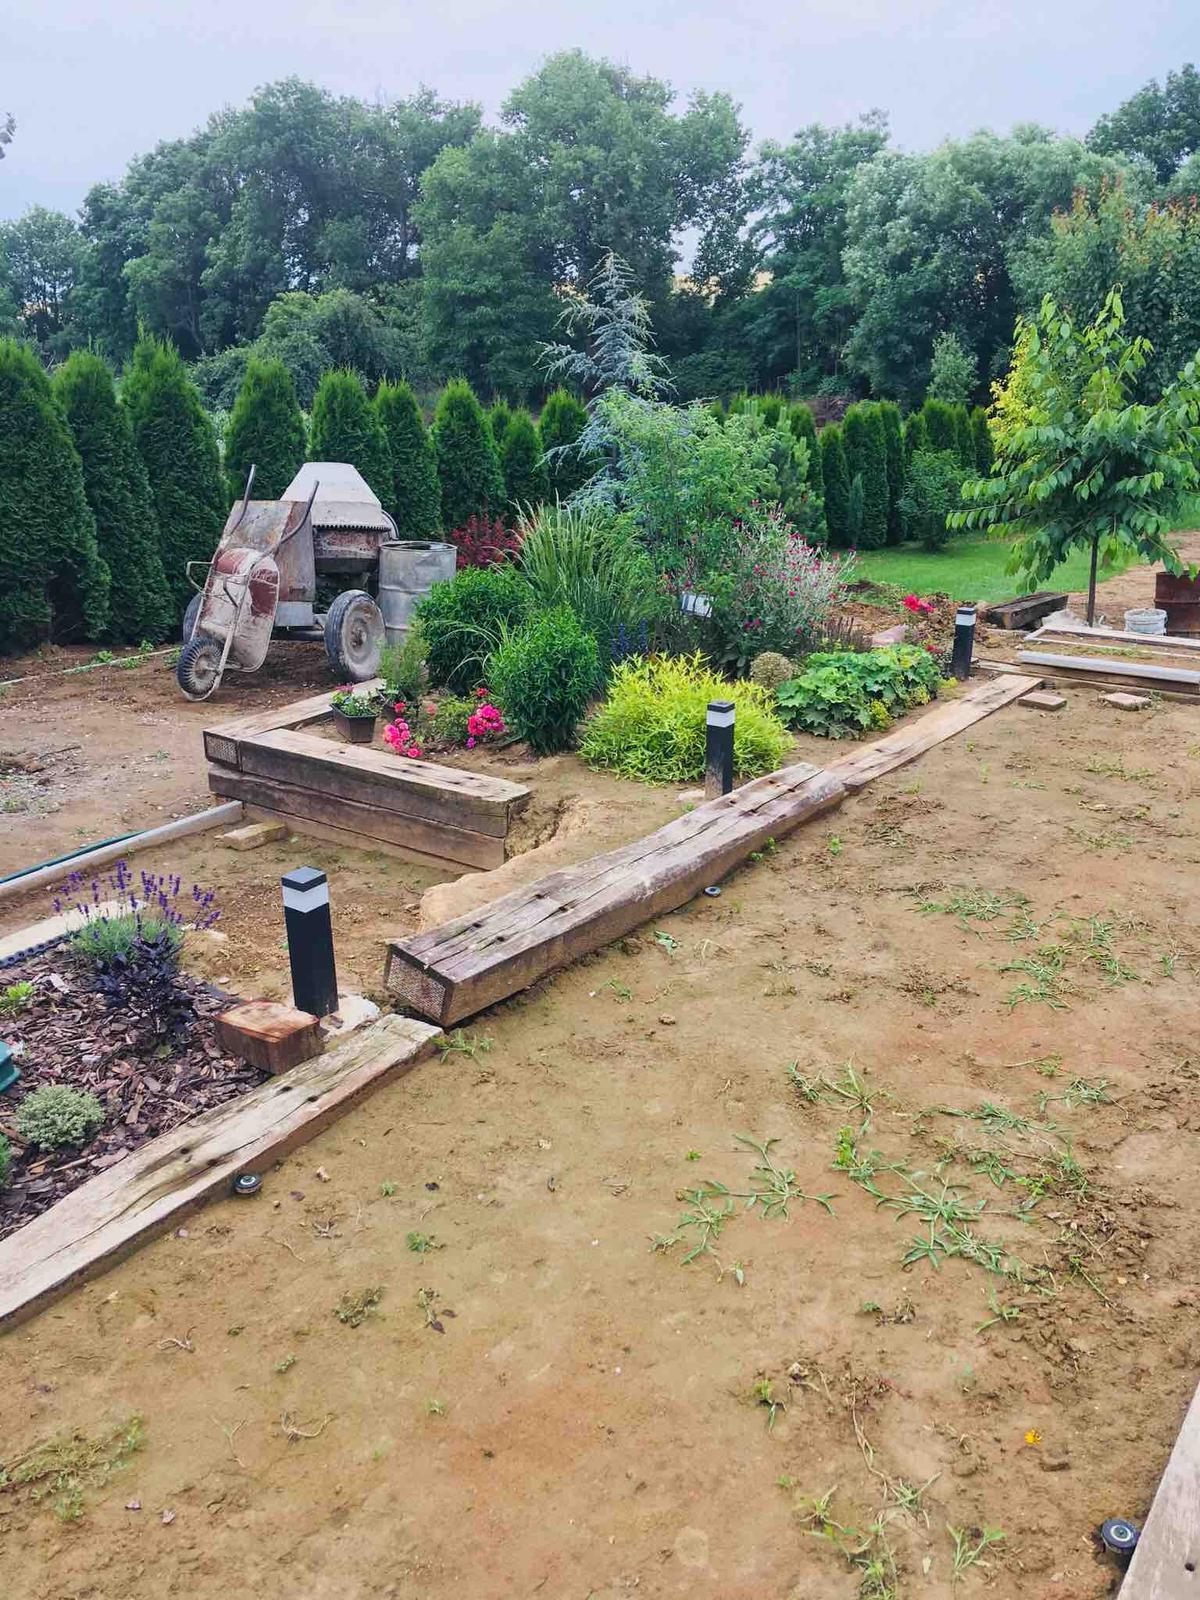 Názov stavby 3 - in da garden - skúšame zavlažovanie, čakáme kym sadne zemina